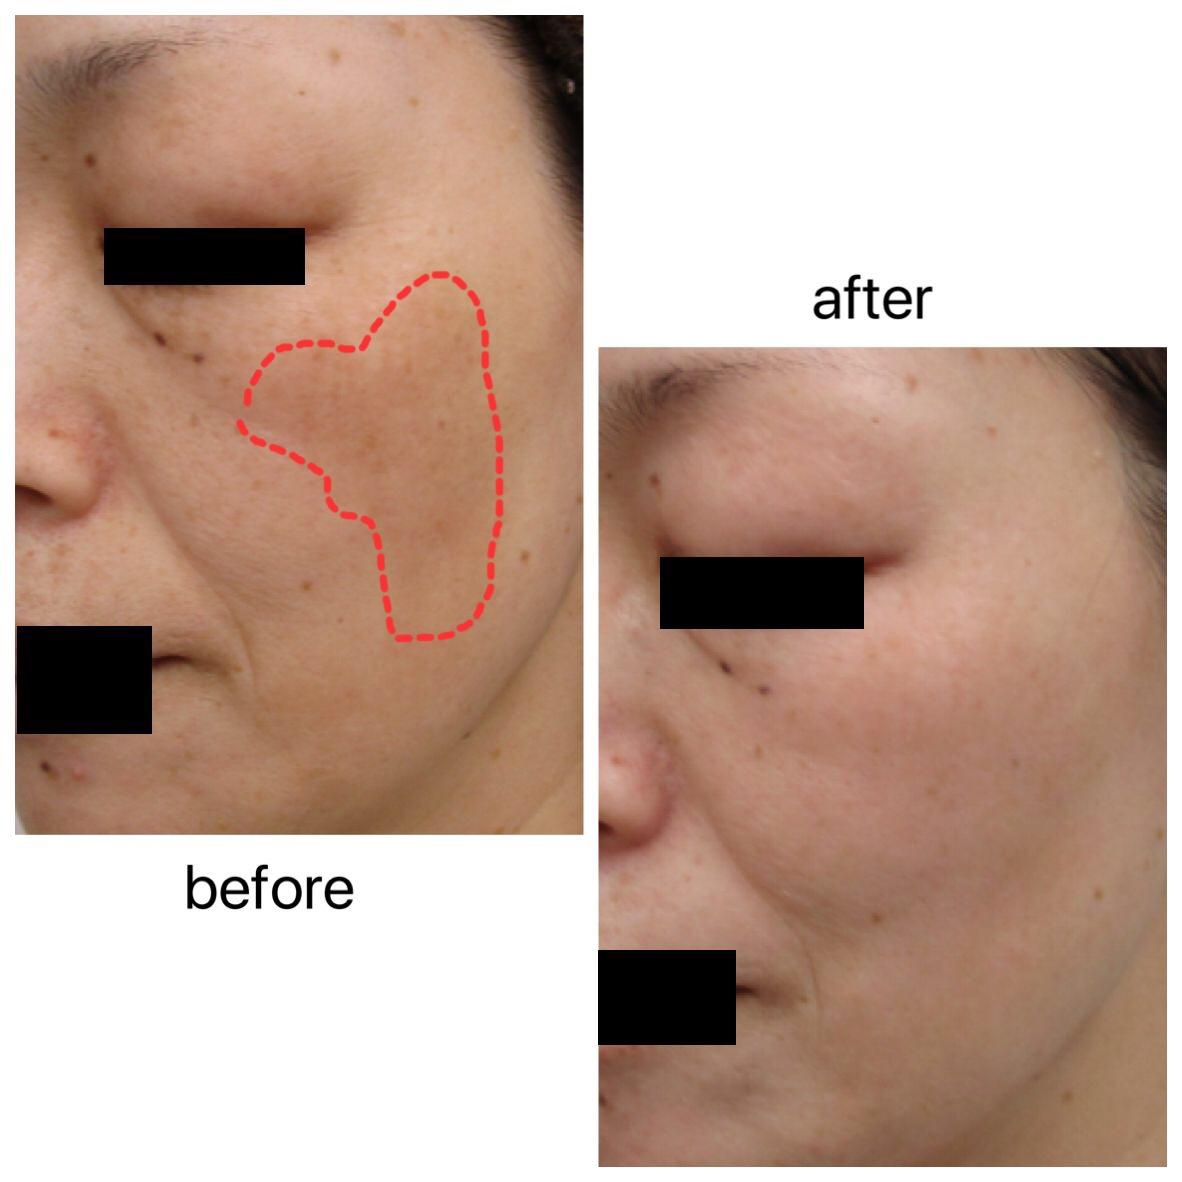 ゼオスキン 皮 剥け ゼオスキンマイルドコースの皮剥けはどの程度?半年の経過と効果を紹...